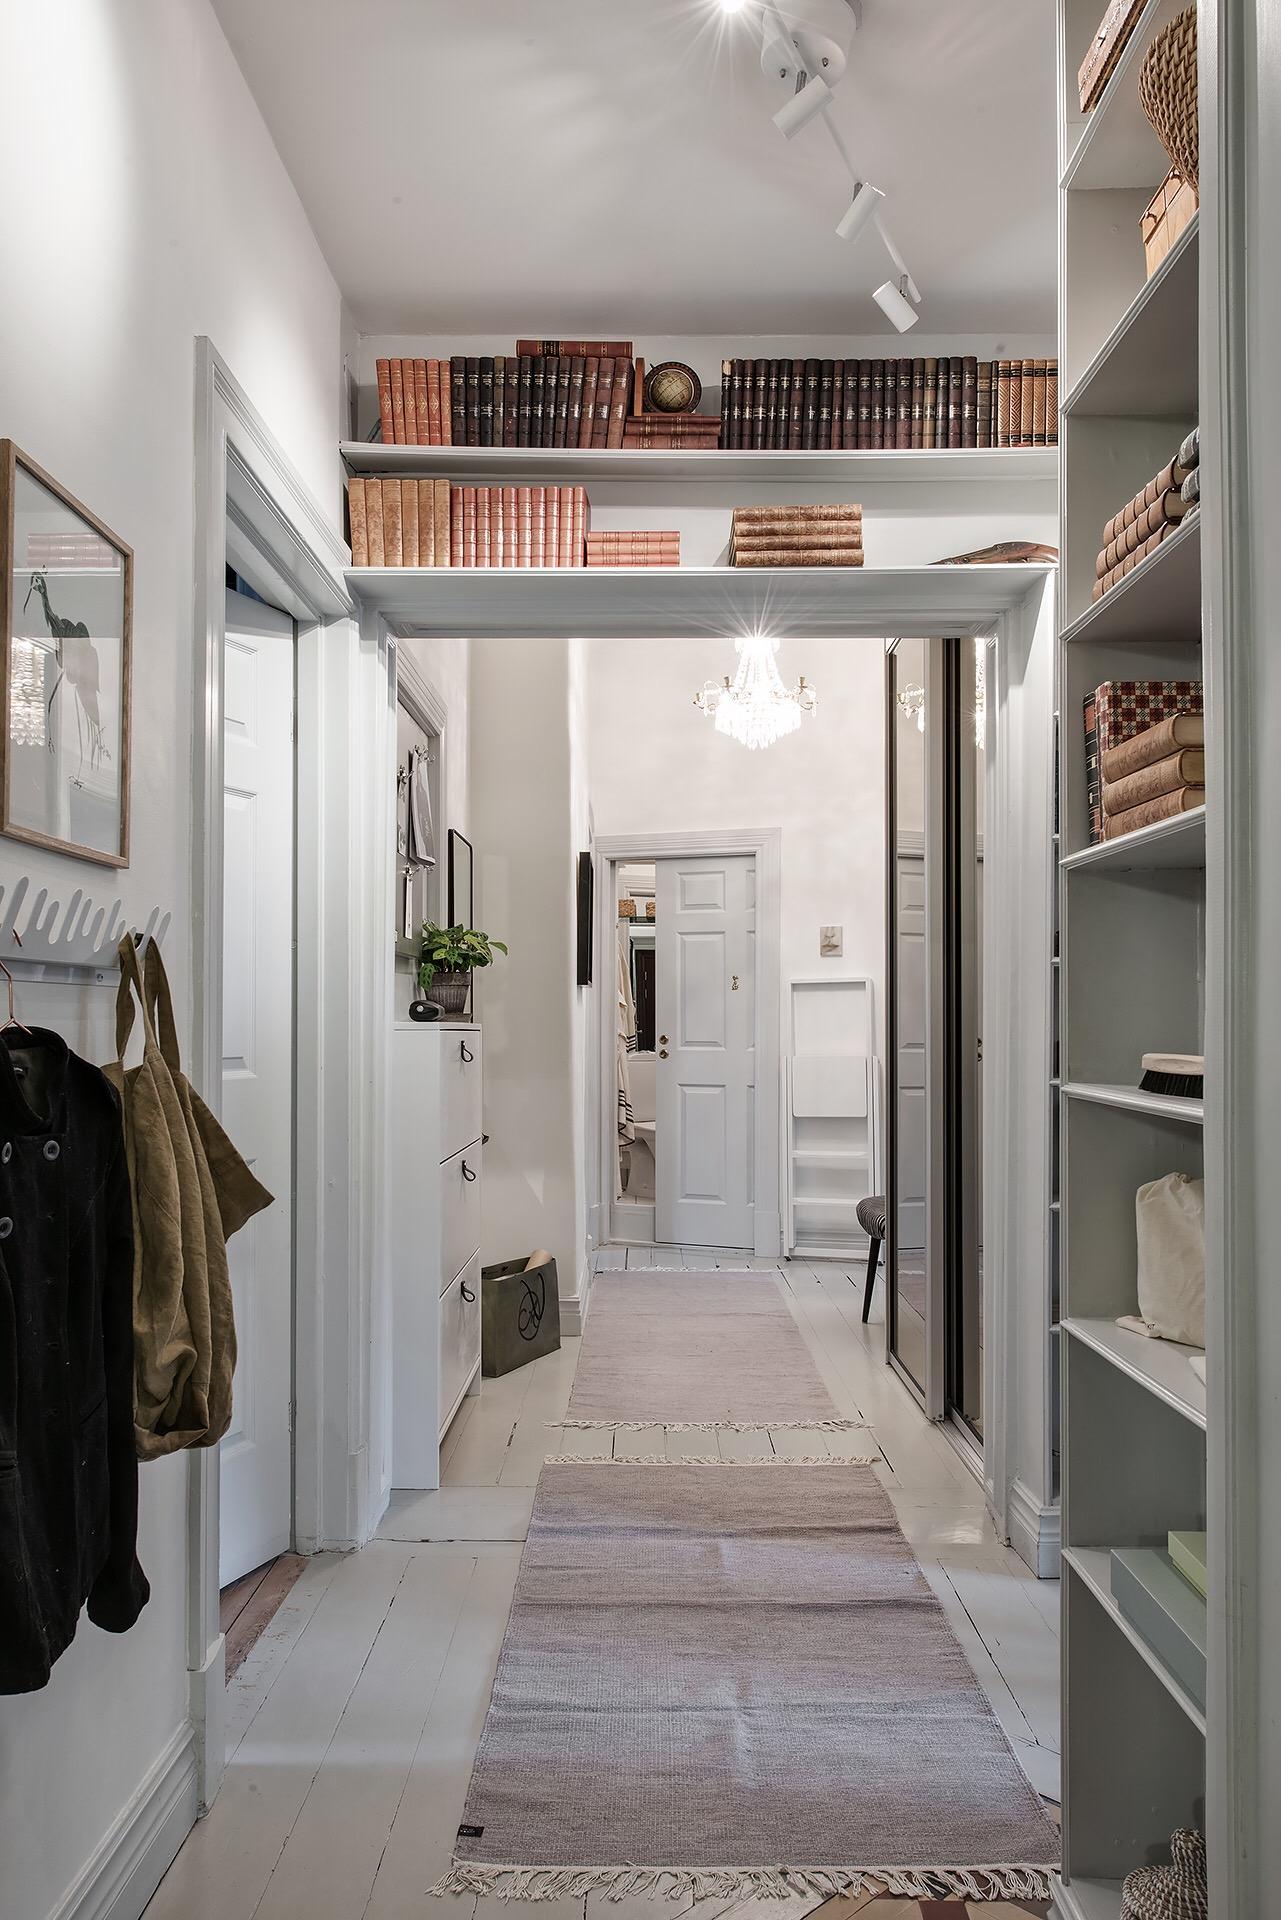 коридор полки одежда входная дверь